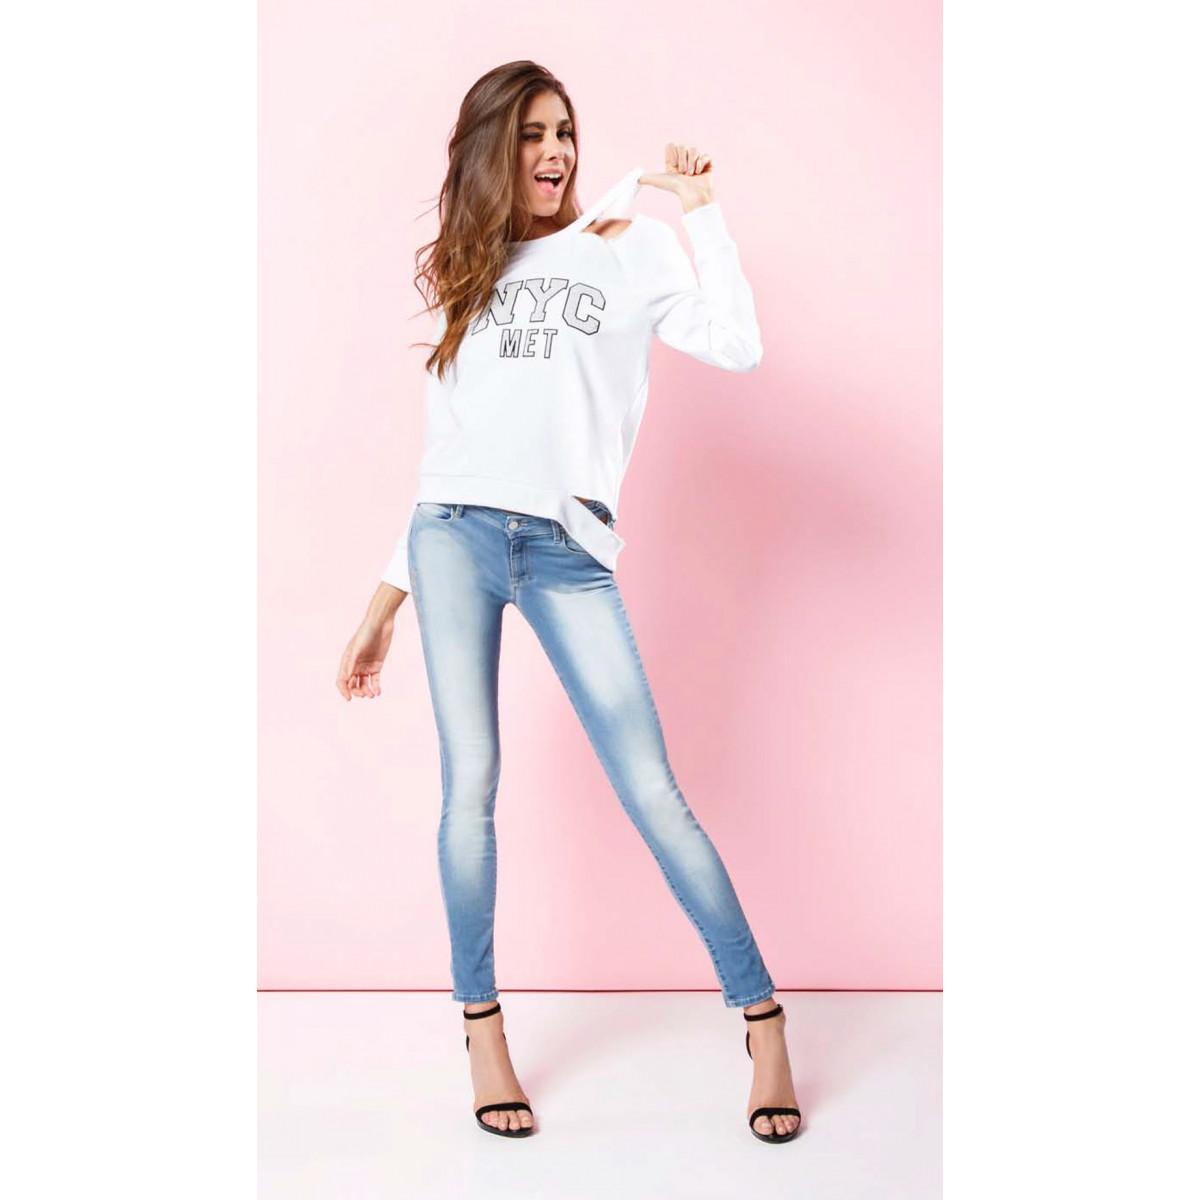 1c3d5ac13ac6 MET - Jeans push up - Jeans - WOMAN - Gruppo CAT Shop Online